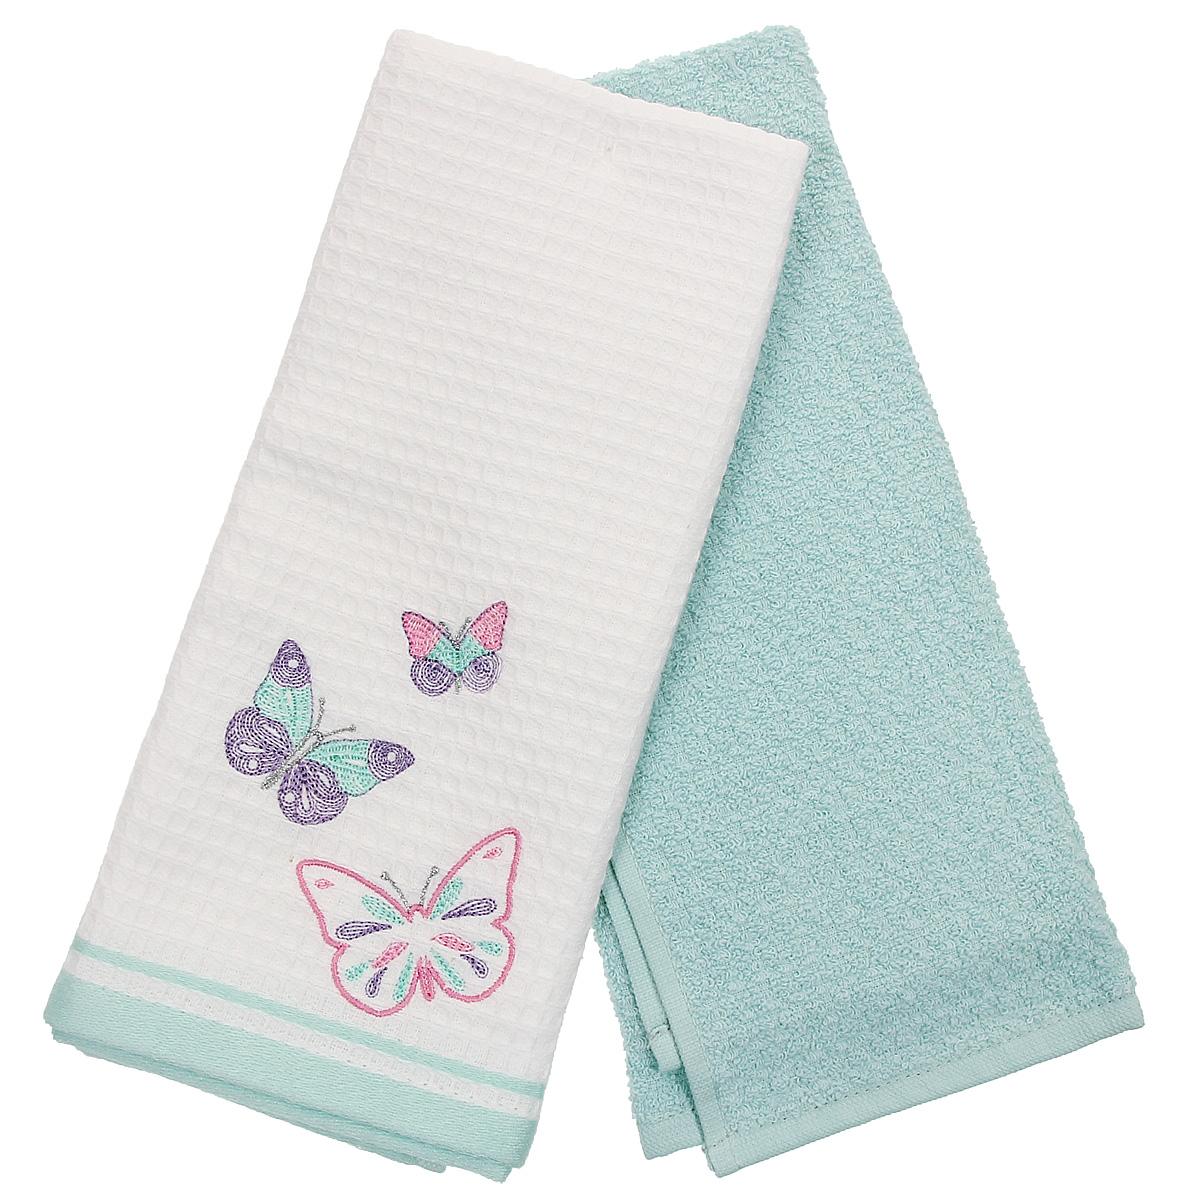 Набор кухонных полотенец Coronet Бабочки, цвет: белый, бирюзовый, 40 х 60 см, 2 штК-МП-5010-05-01-02Набор Coronet Бабочки состоит из двух прямоугольных полотенец: вафельного полотенца белого цвета с вышивкой в виде бабочек и махрового полотенца бирюзового цвета. Высочайшее качество материала гарантирует безопасность не только взрослых, но и самых маленьких членов семьи. Кухонные полотенца Coronet практичны и долговечны. Прекрасно впитывают влагу. Эти свойства изделия из натурального хлопка не теряют на протяжении многих лет. Хлопчатобумажные изделия выдерживают многочисленные стирки при высоких температурах. Такой набор идеально дополнит интерьер вашей кухни и создаст атмосферу уюта и комфорта. Coronet предлагает коллекции готовых стилистических решений для различной кухонной мебели, множество видов, рисунков и цветов. Вам легко будет создать нужную атмосферу на кухне и в столовой. Рекомендации по уходу: - стирать при температуре 40°С, - чистка с использованием углеводорода, хлорного этилена, монофлотрихлометана, - нельзя отбеливать, ...